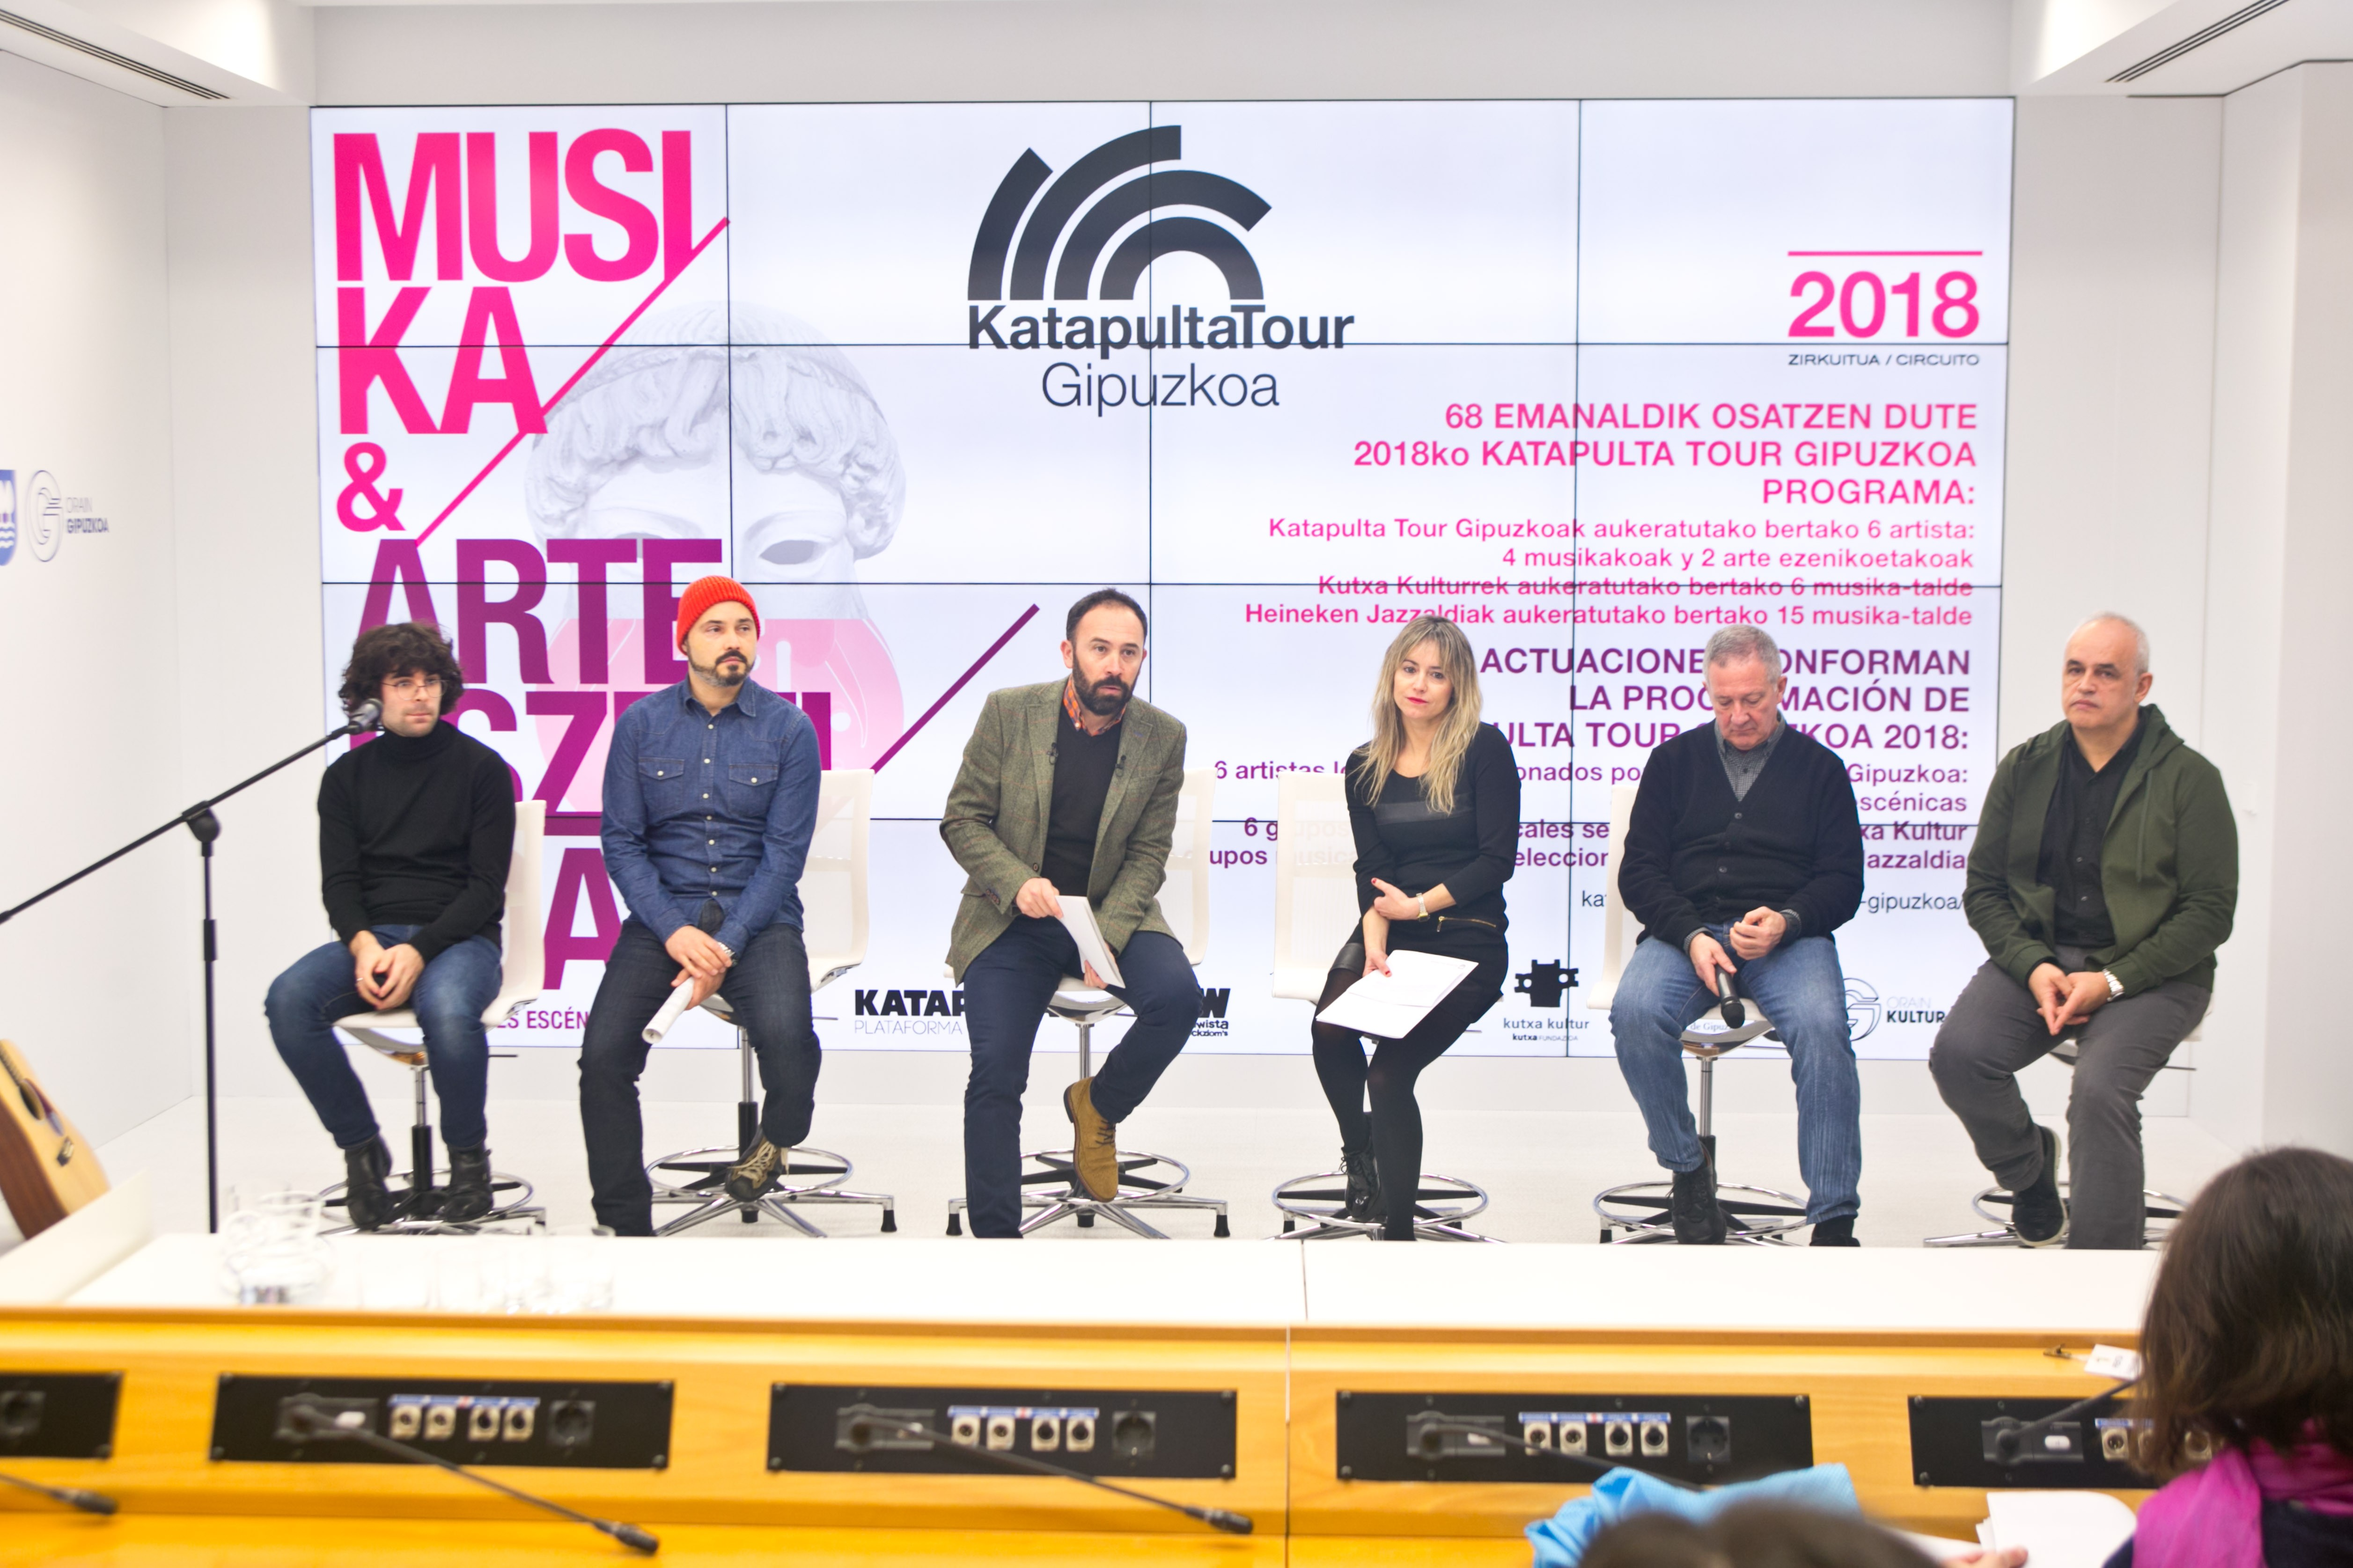 Katapulta Tour 2018 llevará los trabajos de 30 artistas a 10 localidades de Gipuzkoa